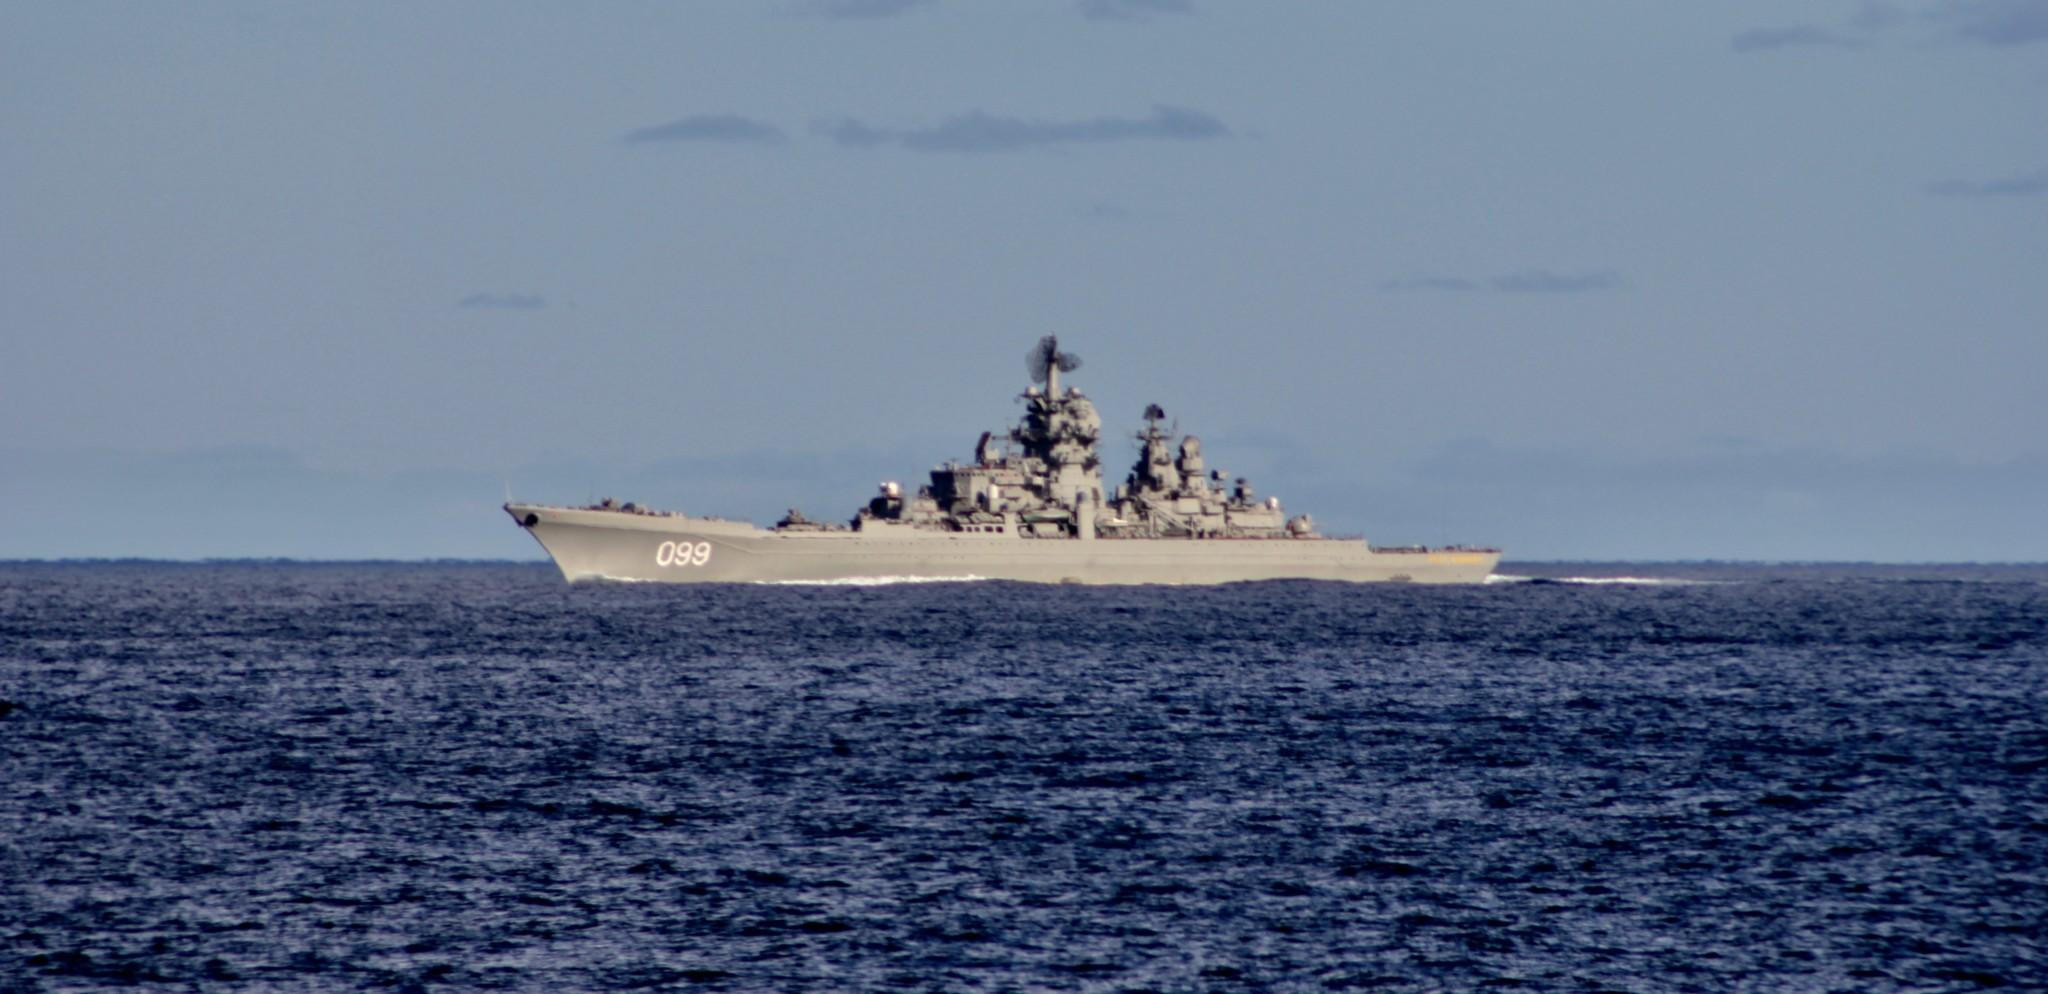 Stor russisk marineflåte på vei mot Norge